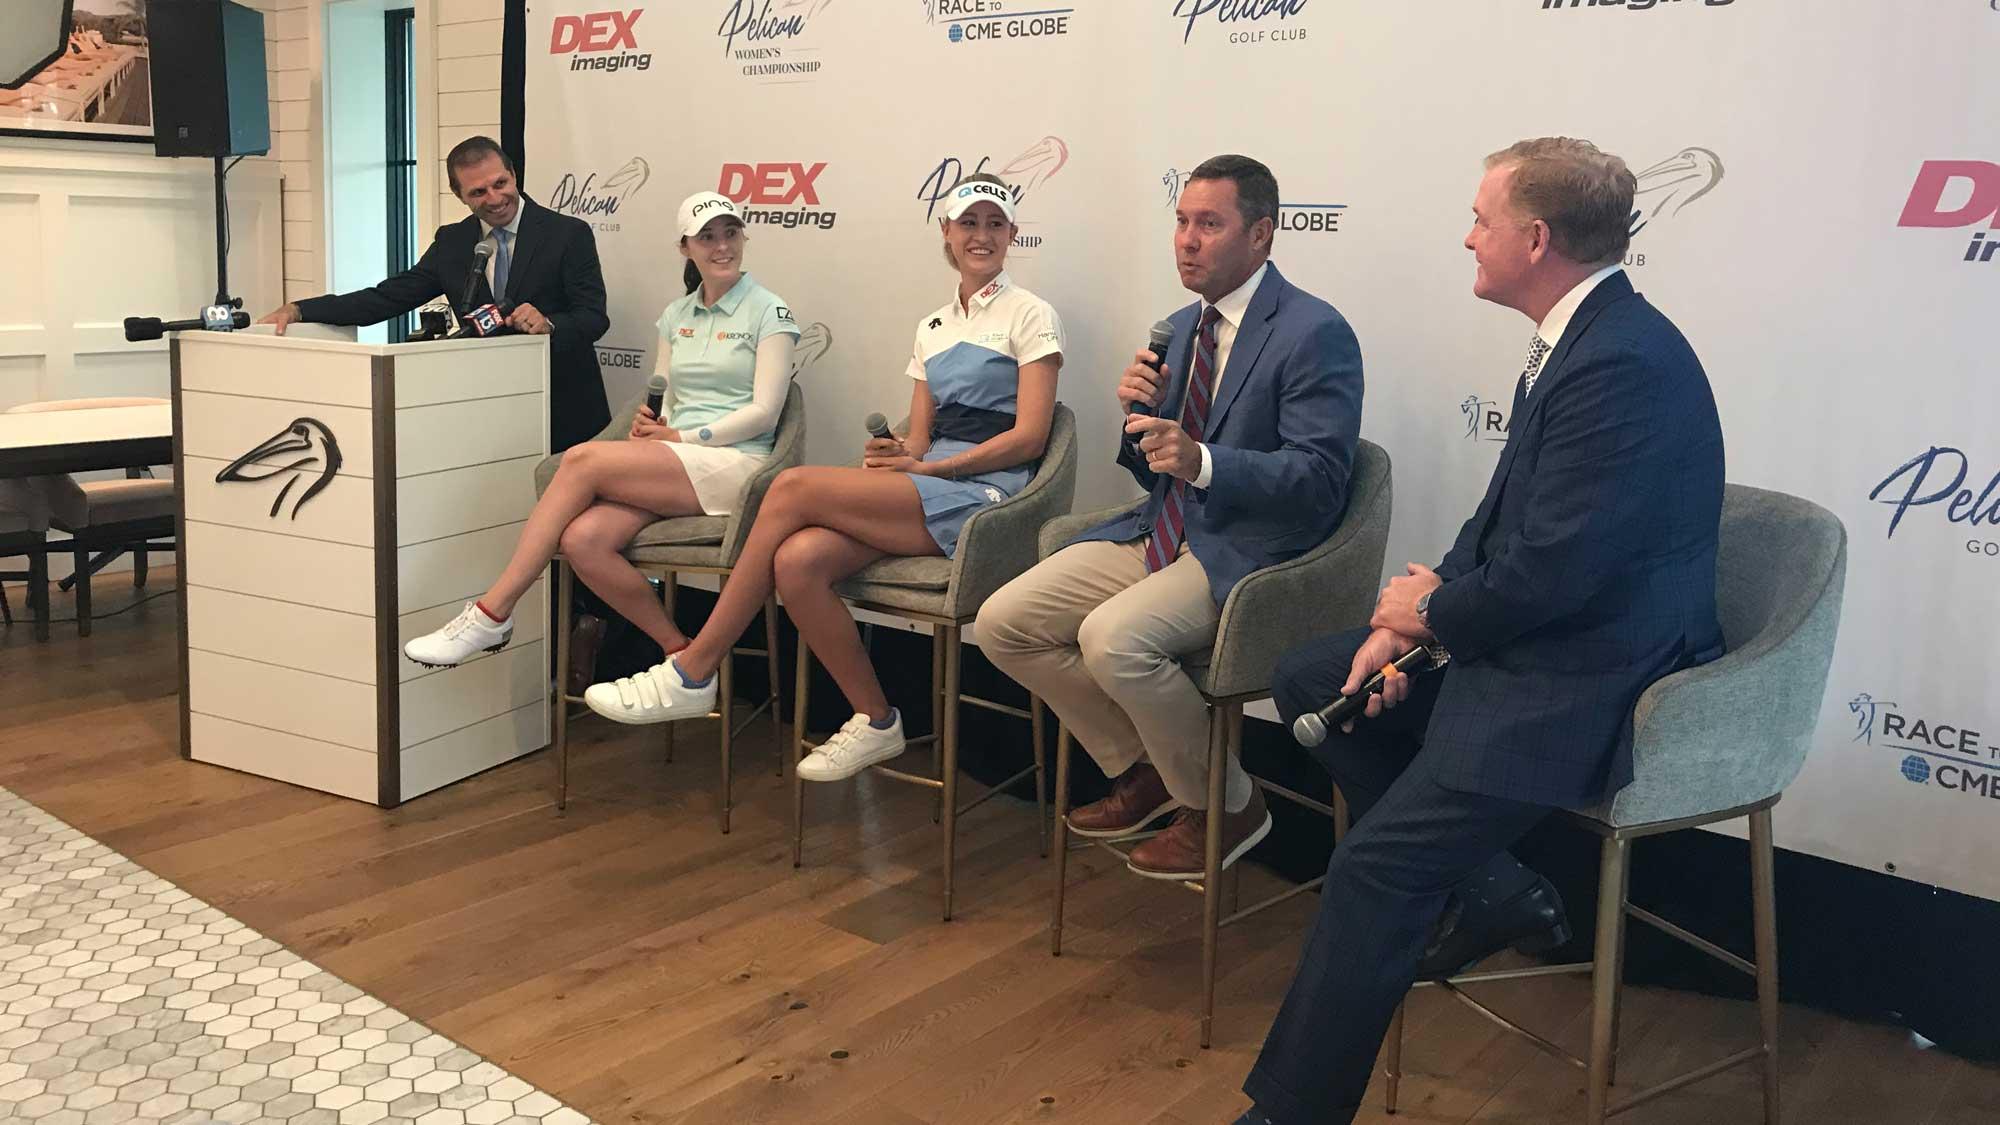 Symetra Tour Schedule 2020 2019 LPGA Brings New Event to Florida in 2020 | LPGA | Ladies